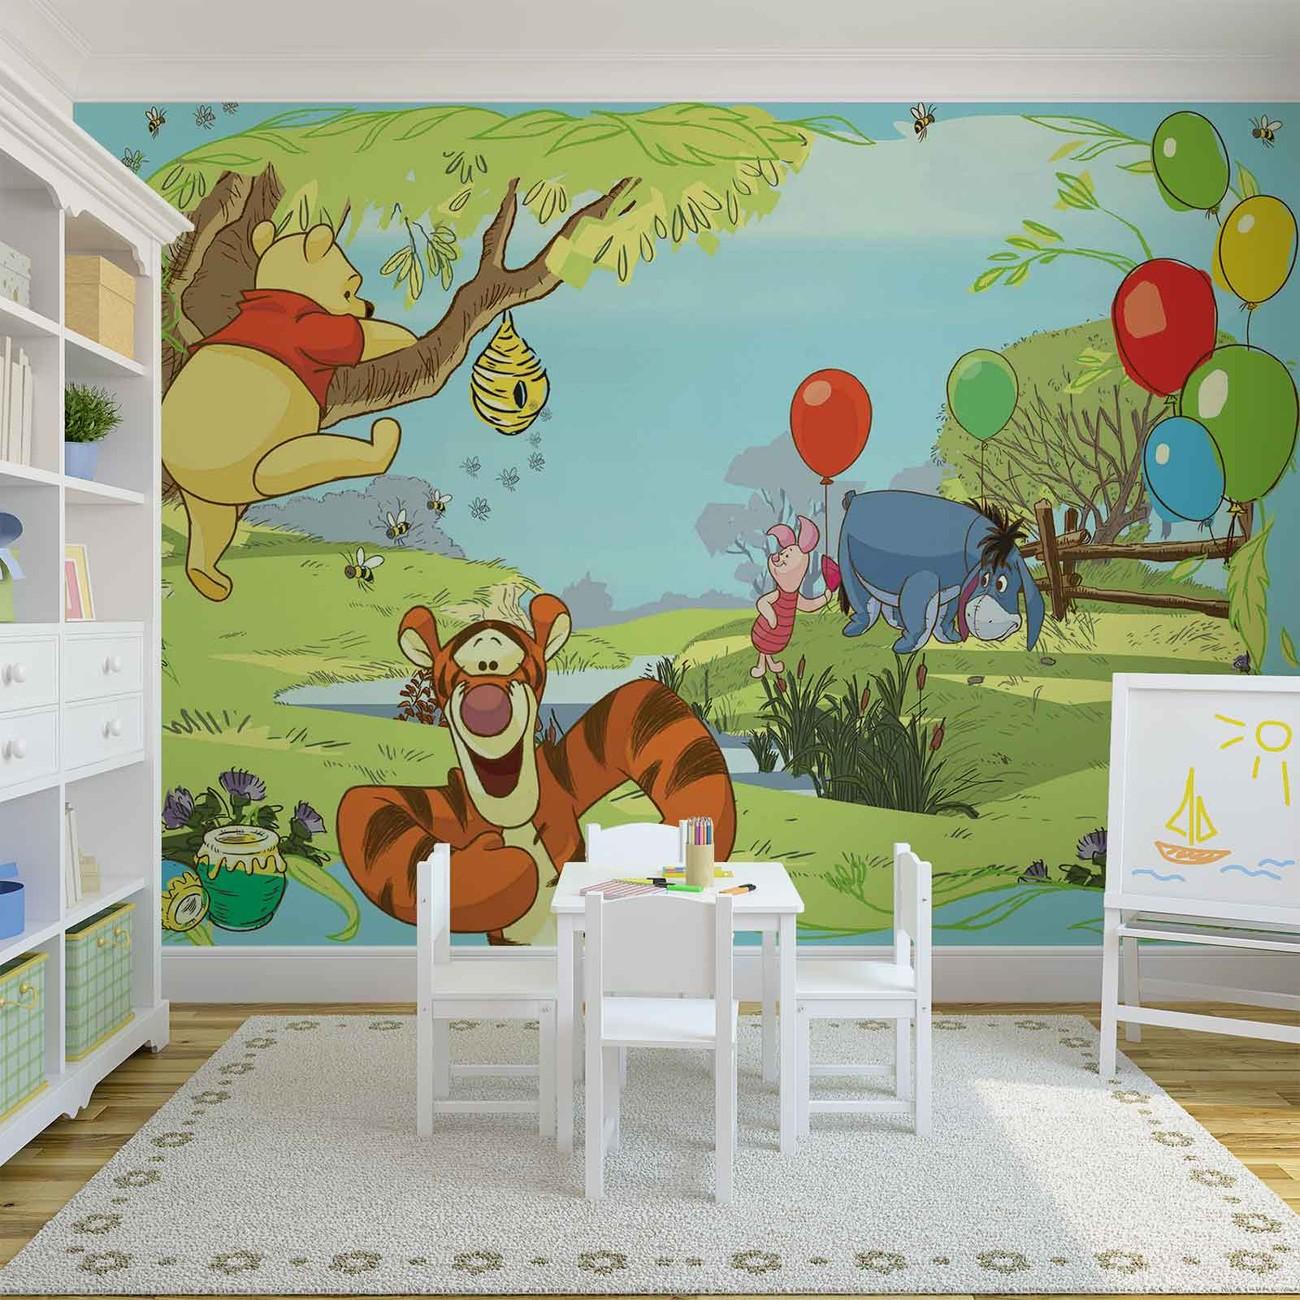 Eeyore Wall Stickers Disney Winnie Pooh Tigger Eeyore Piglet Wall Paper Mural